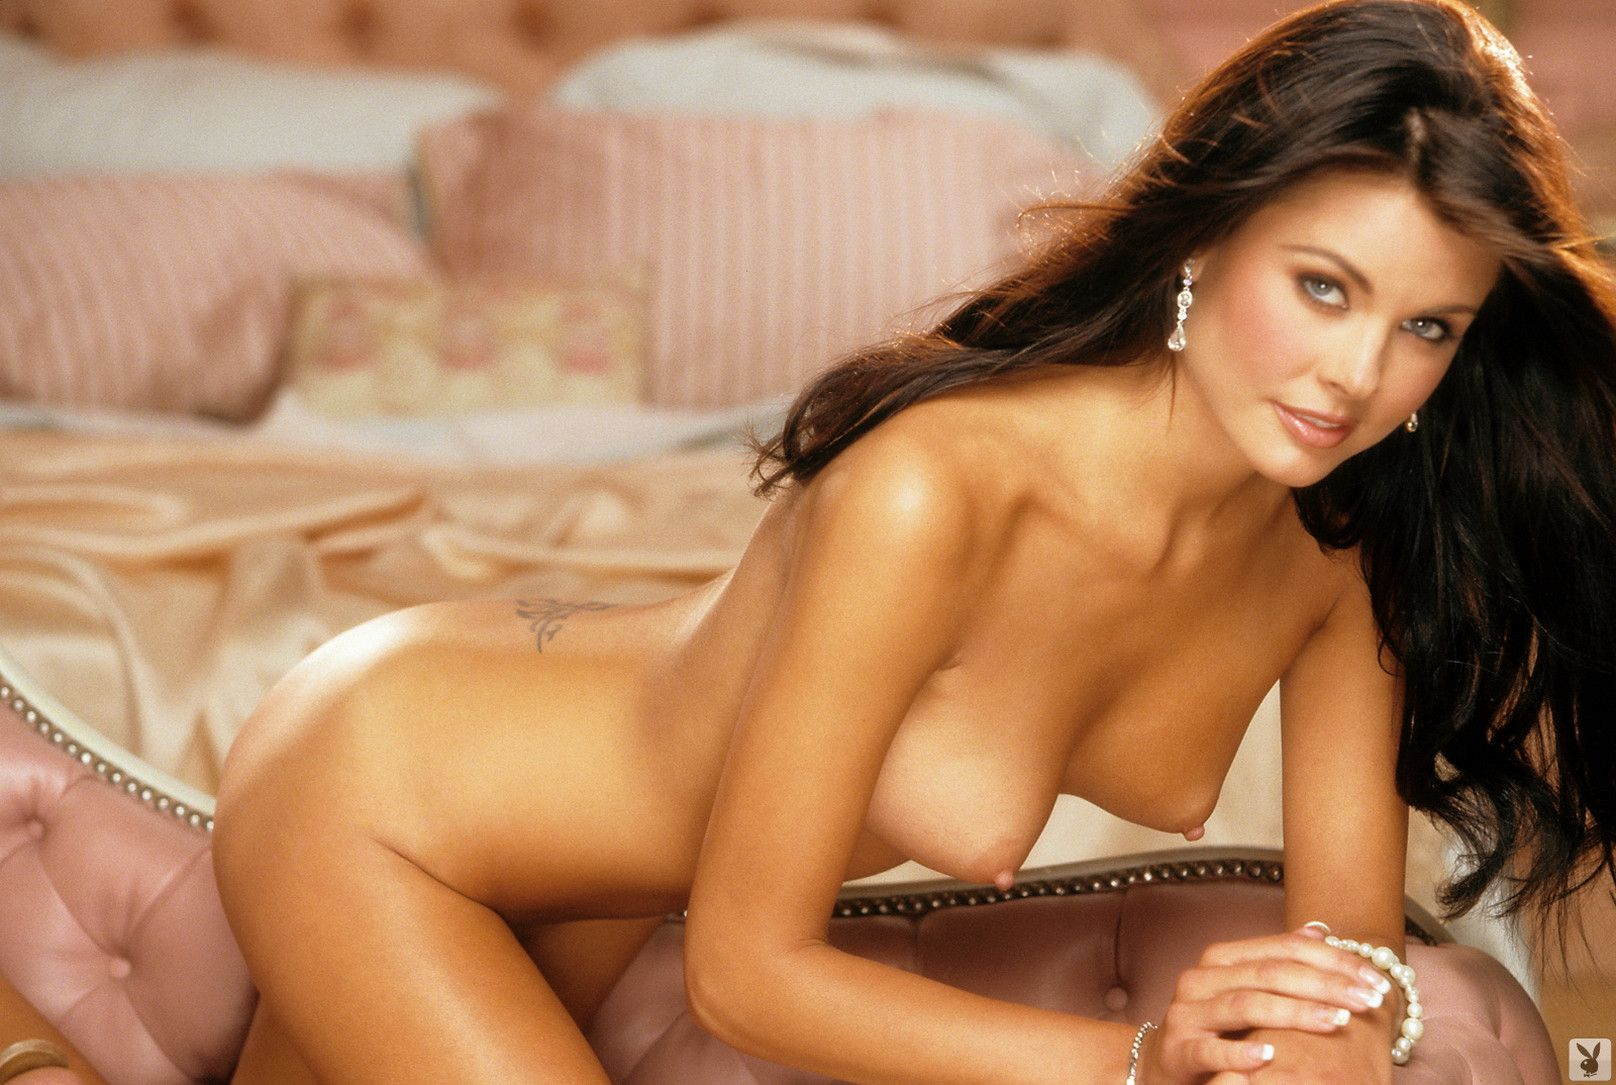 Sandra nguyen naked 8